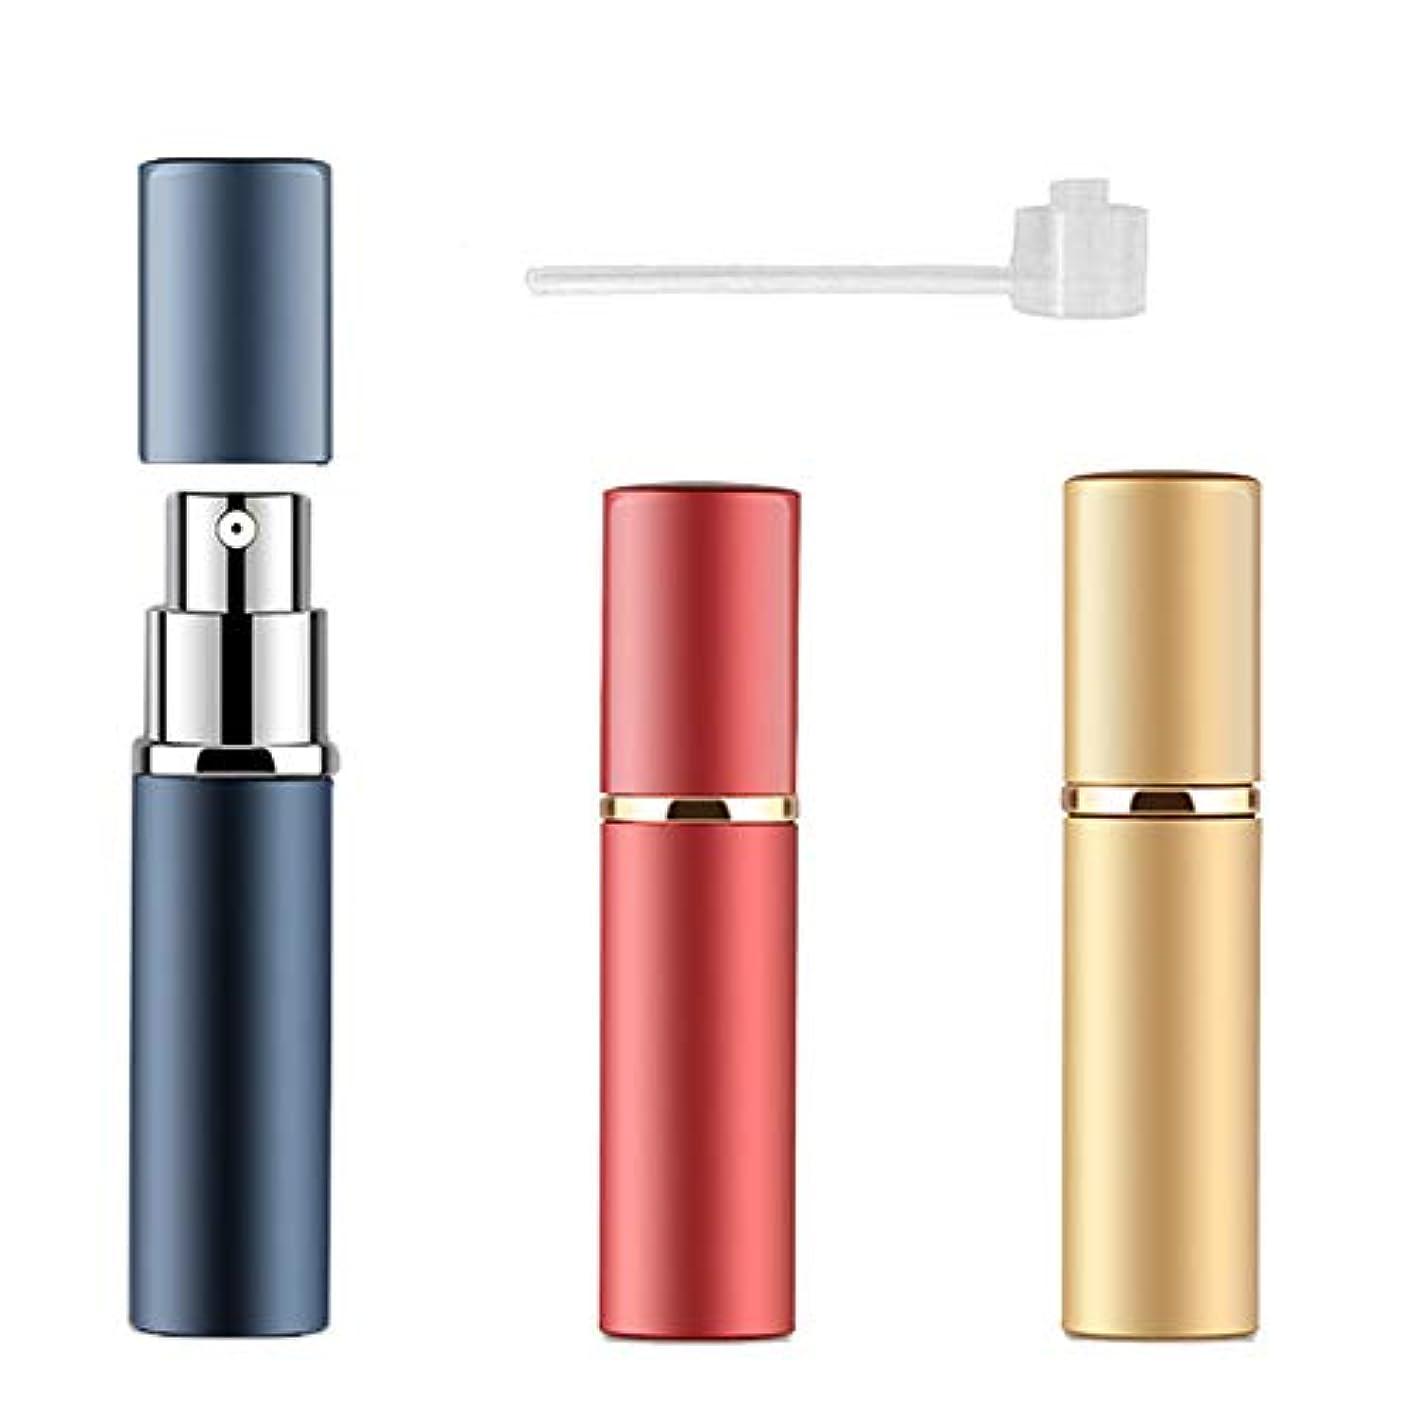 累積正しく忠実にアトマイザー 香水 詰め替え容器 スプレーボトル 小分けボトル トラベルボトル 旅行携帯便利 (3色セット)